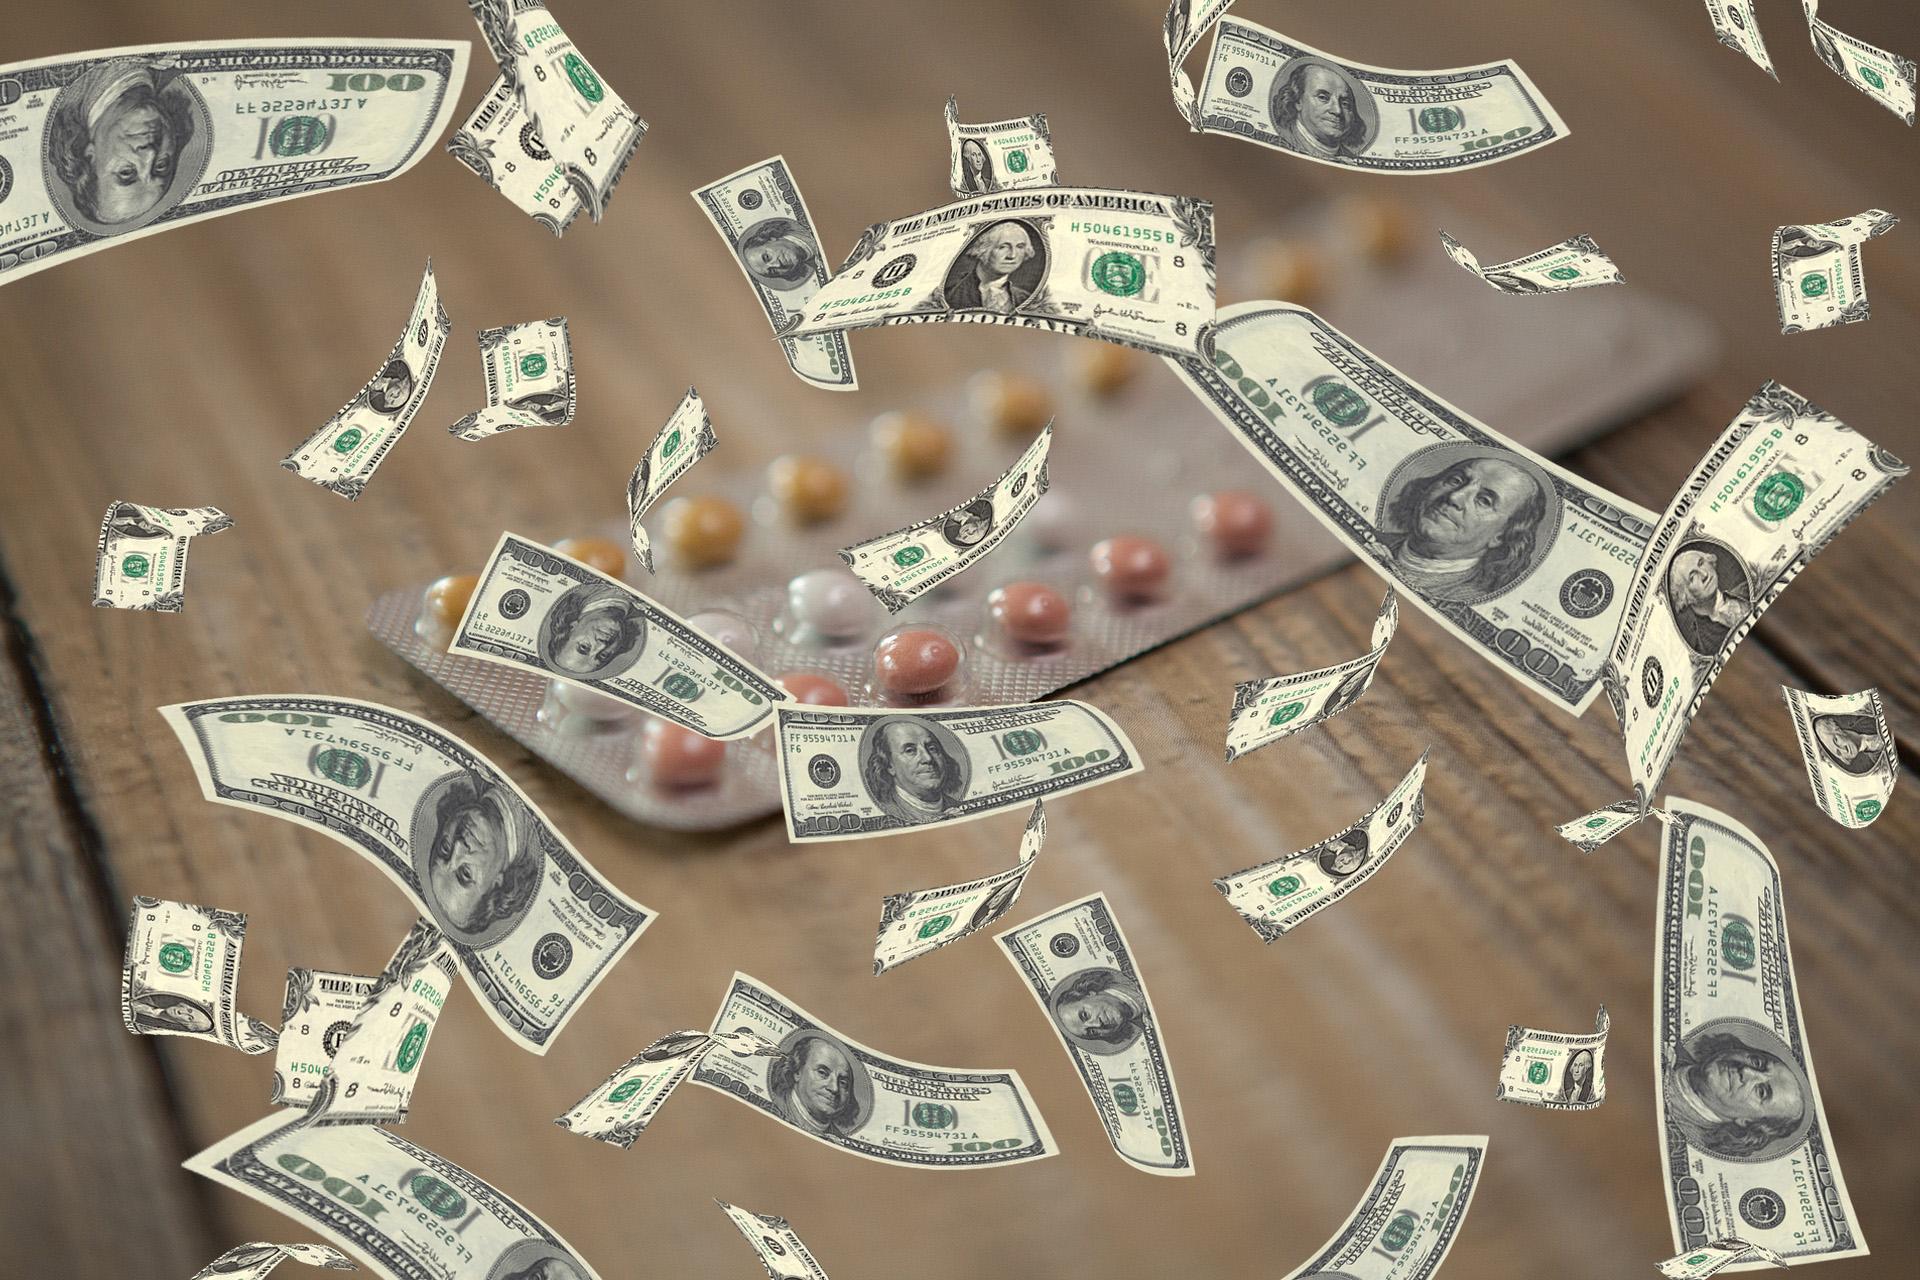 pills-1354782_1920 copy